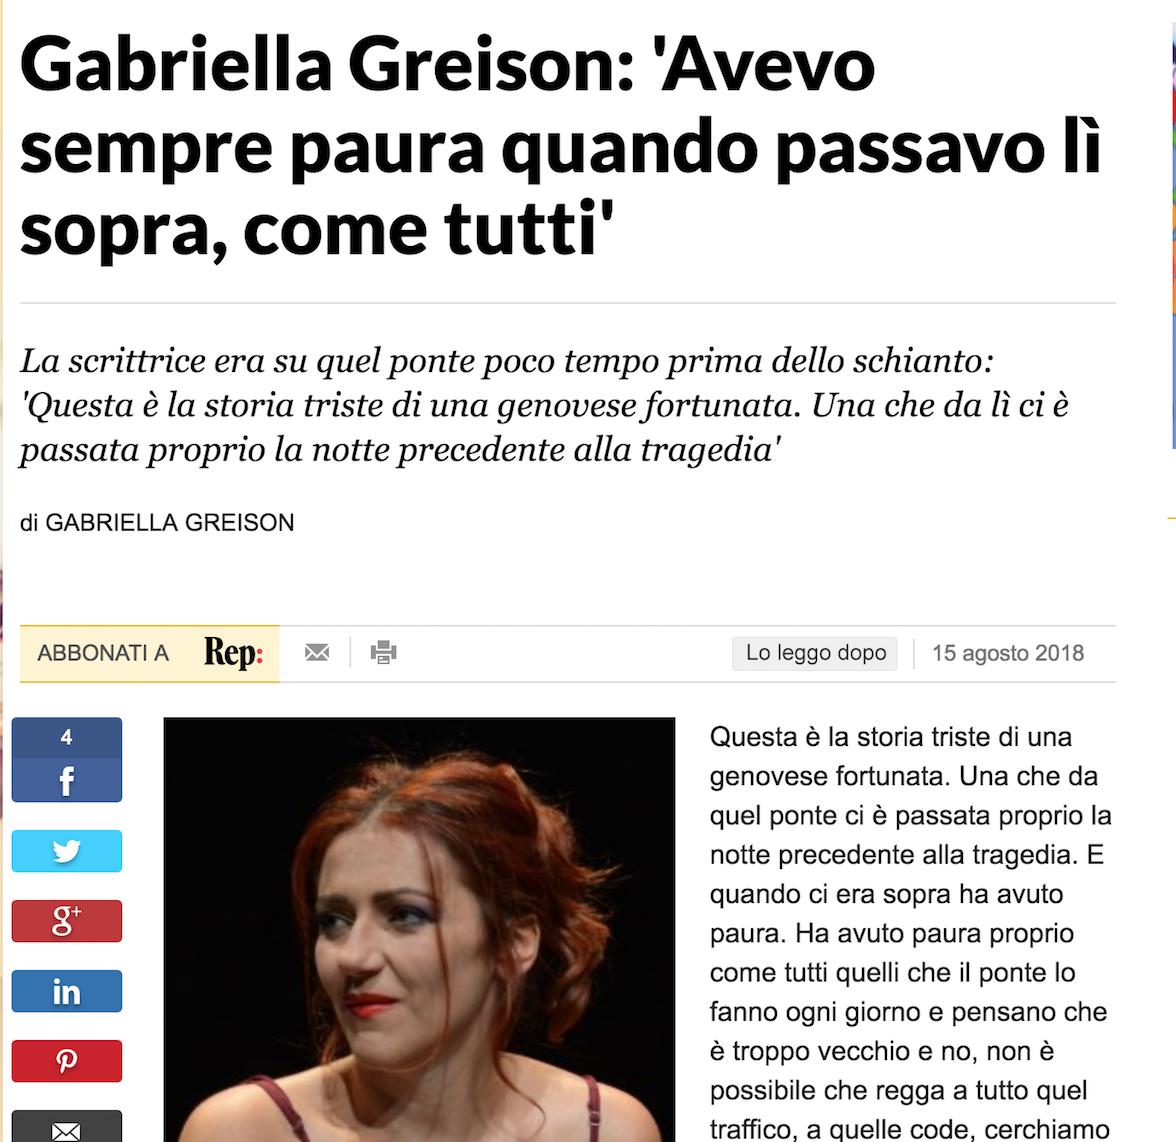 Mi hanno chiesto di scrivere sulla tragedia di Genova e Ponte Morandi crollato, come l'ho vissuta io in Liguria. Ecco il mio racconto, su REPUBBLICA. #Genovatiamo #nonmollare